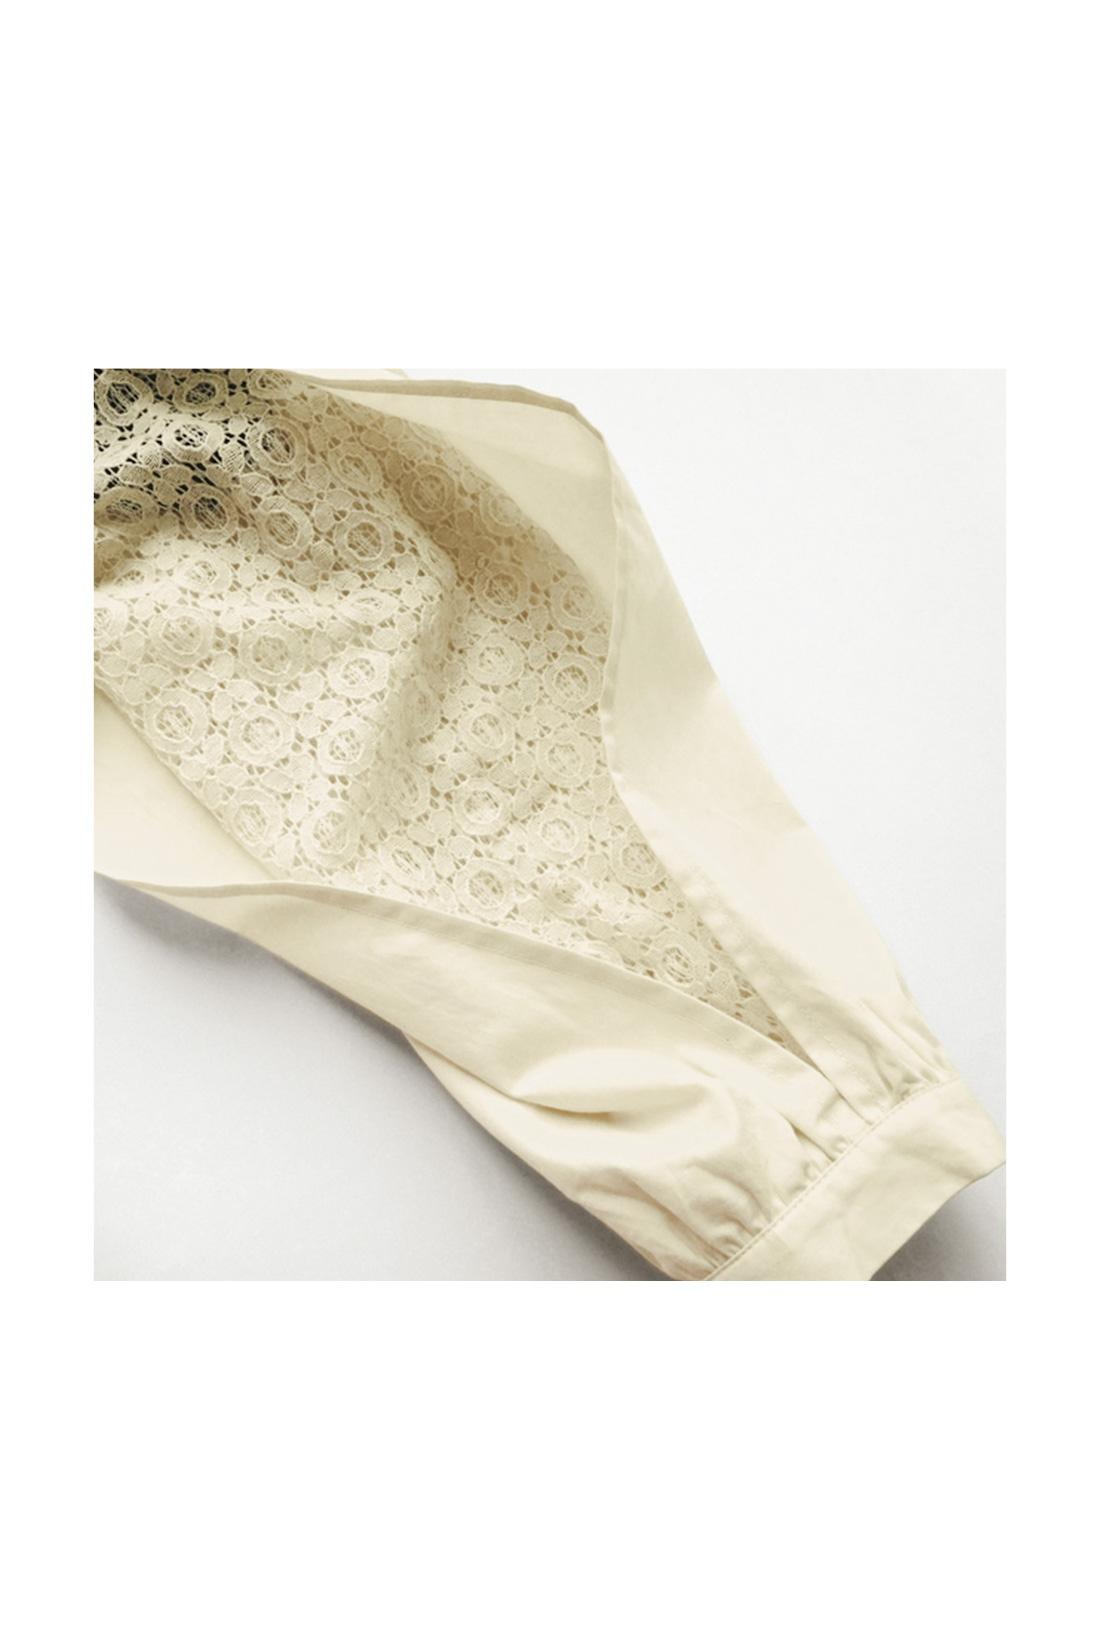 スリットの入った袖の内側にレースの袖がくっついているような構造です。 ※お届けするカラーとは異なります。